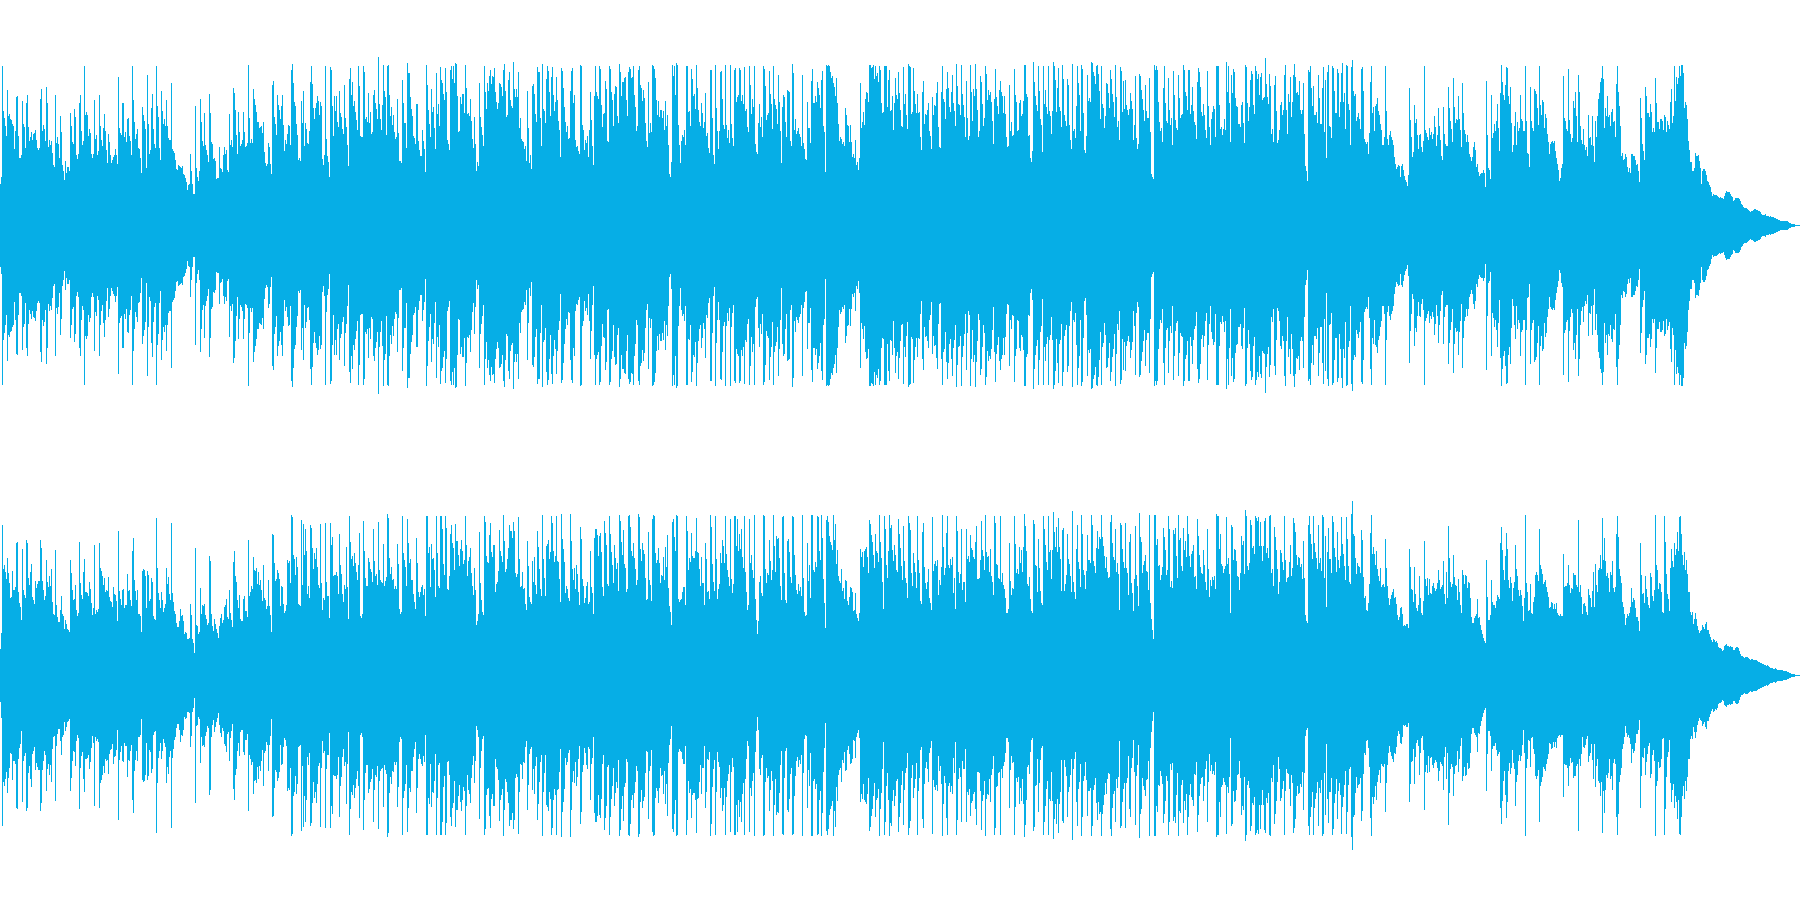 アコースティックギターの優しいメロディーの再生済みの波形